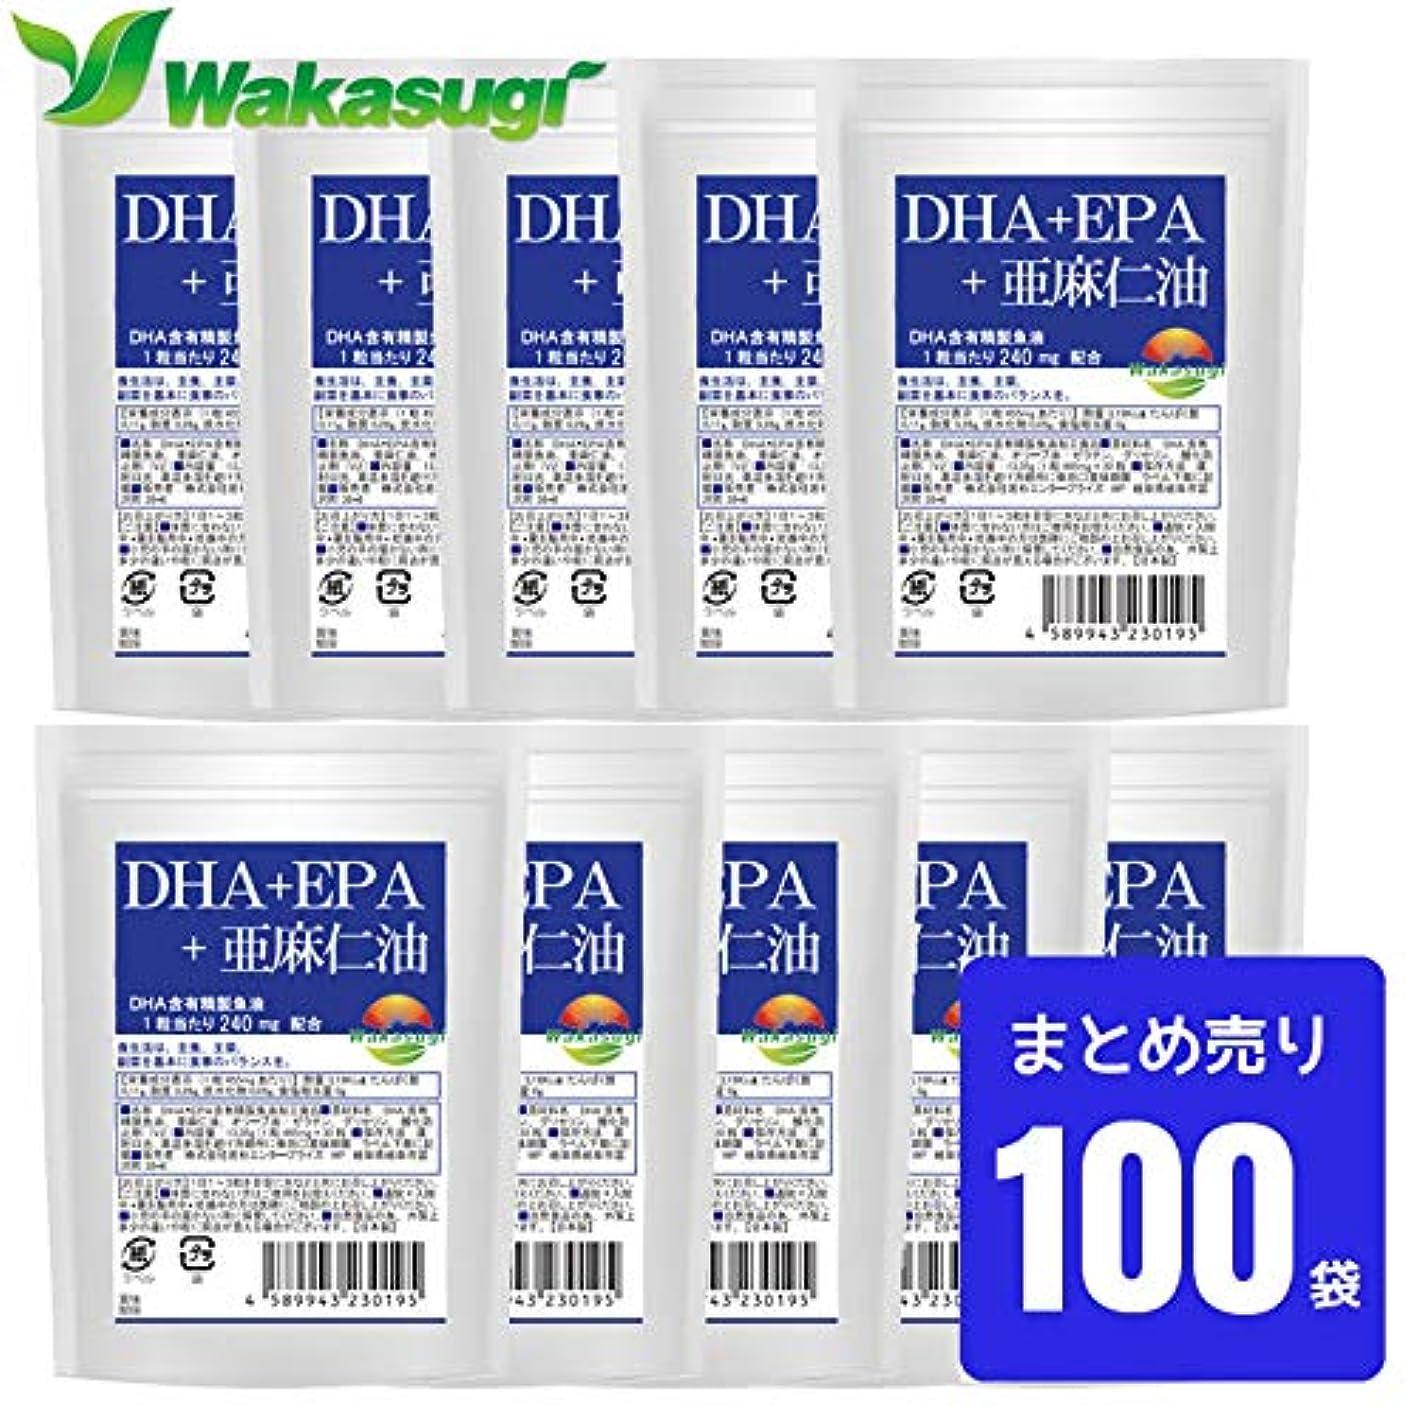 ワゴンロックジョージハンブリーDHA+EPA+亜麻仁油 ソフトカプセル30粒 100袋 合計3,000粒 まとめ売り